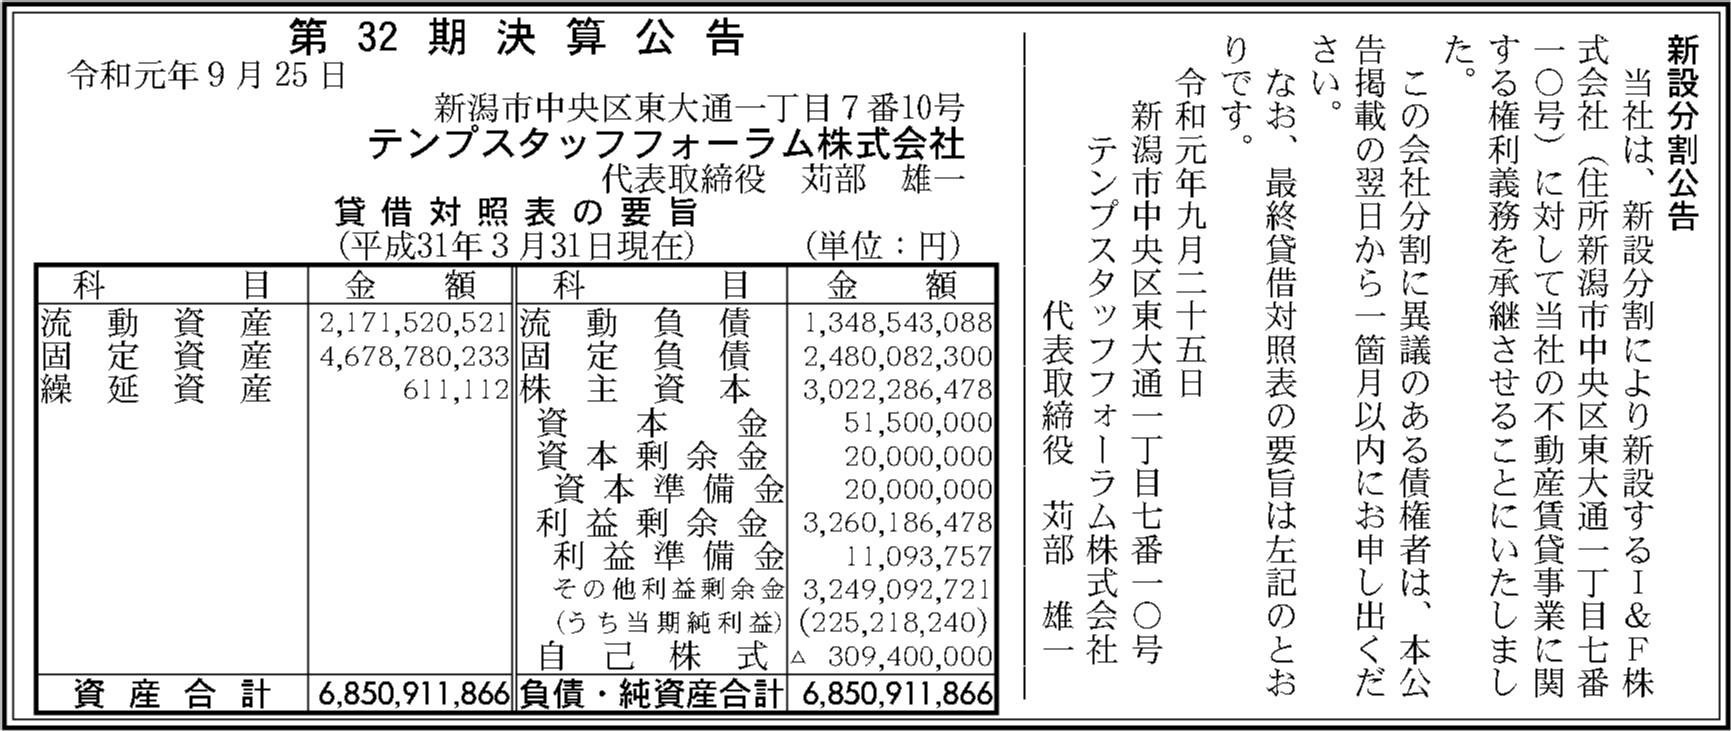 0089 58371284944019b534fe2f5037b730d1850e65676f56ea1bd38141e04edb35b598ade408a11f88899b911b1f2bbfcea4deb4c4b35b6f56e5d1782d235e891791 08